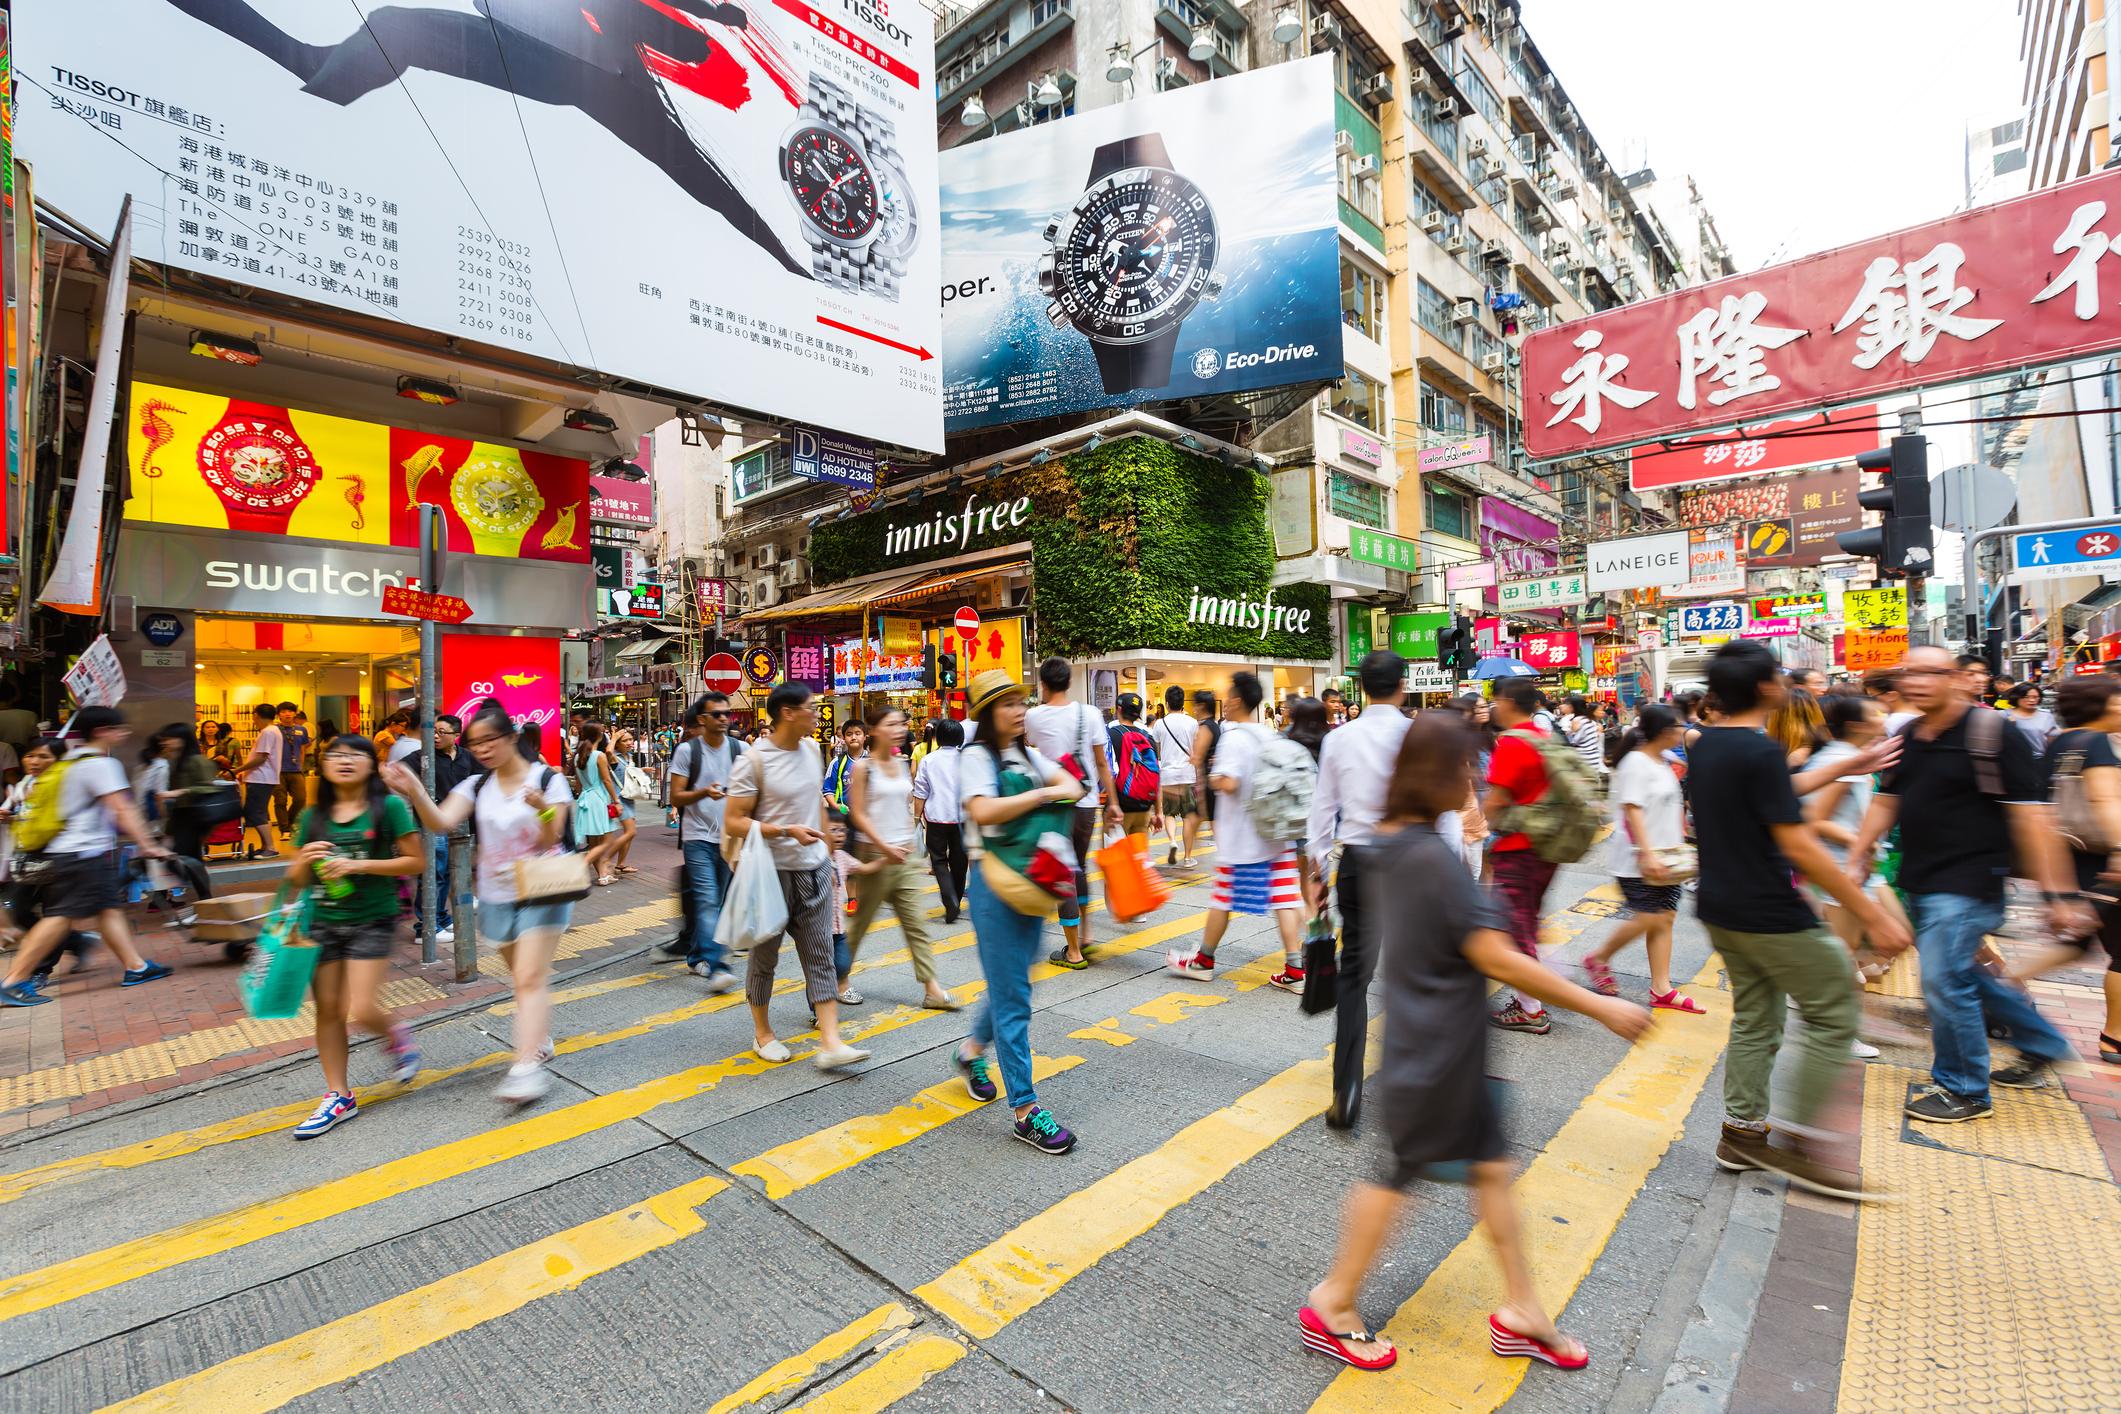 Pedestrians walking on a busy Hong Kong street.